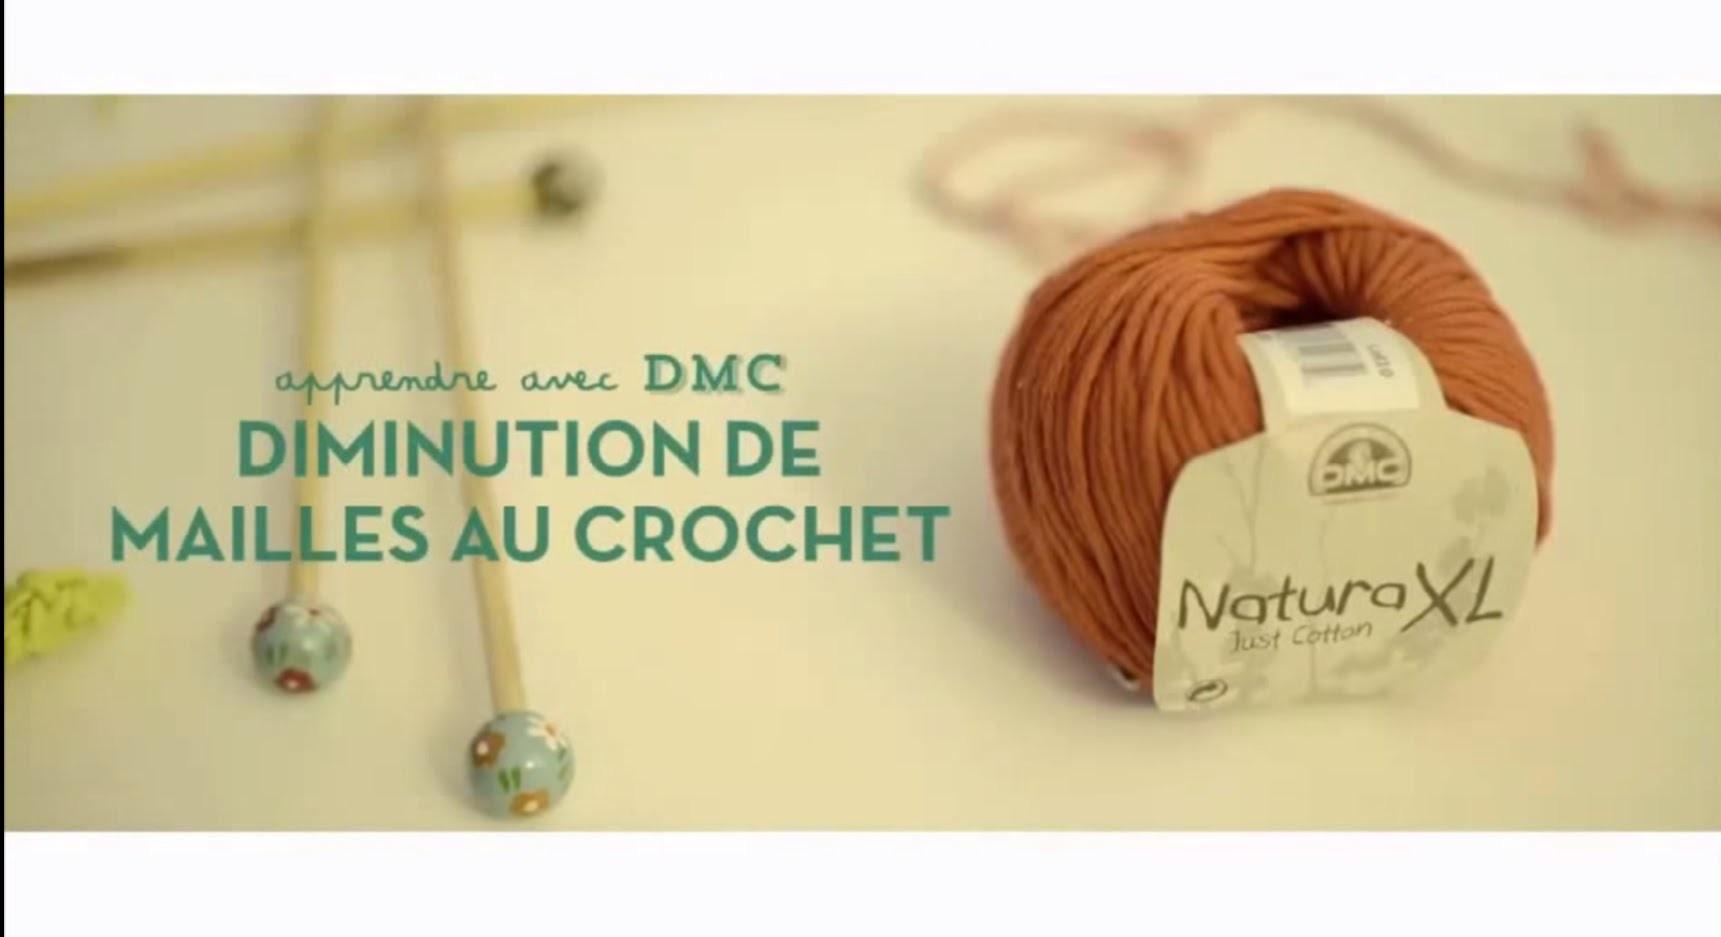 DIY Crochet : Diminution de mailles au crochet avec DMC